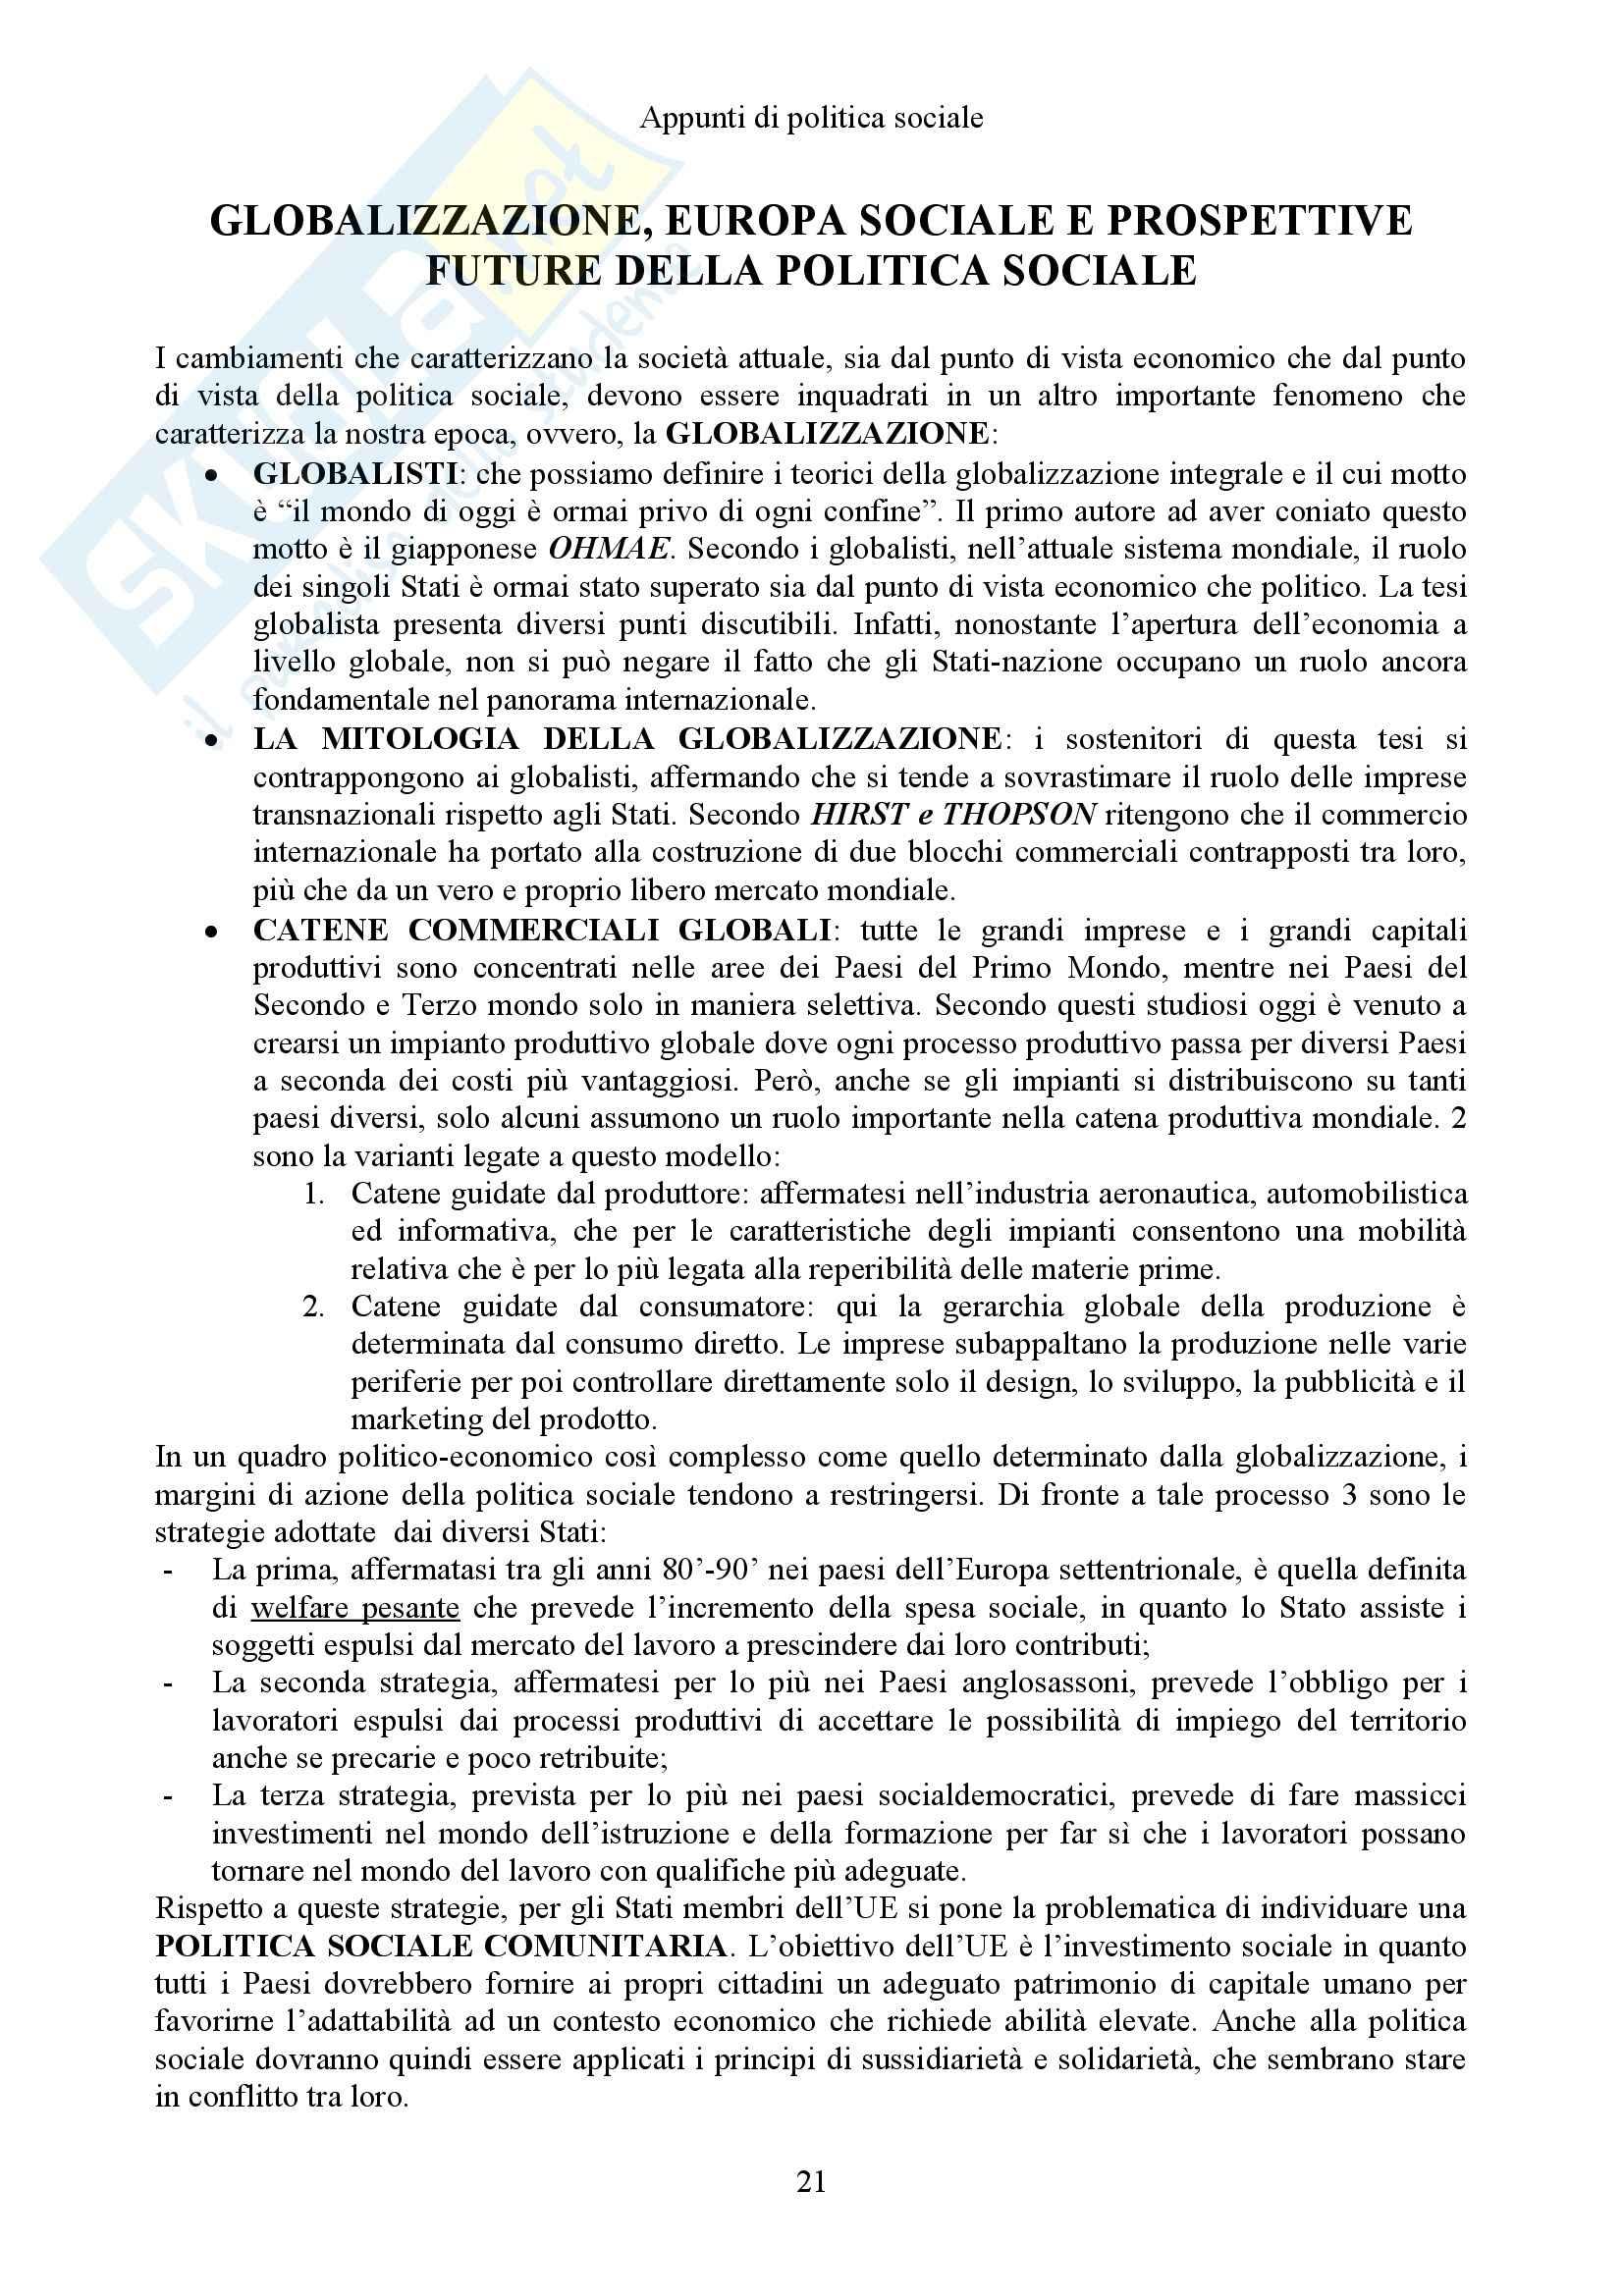 Politica sociale e Sistemi sociali comparati - Appunti Pag. 21